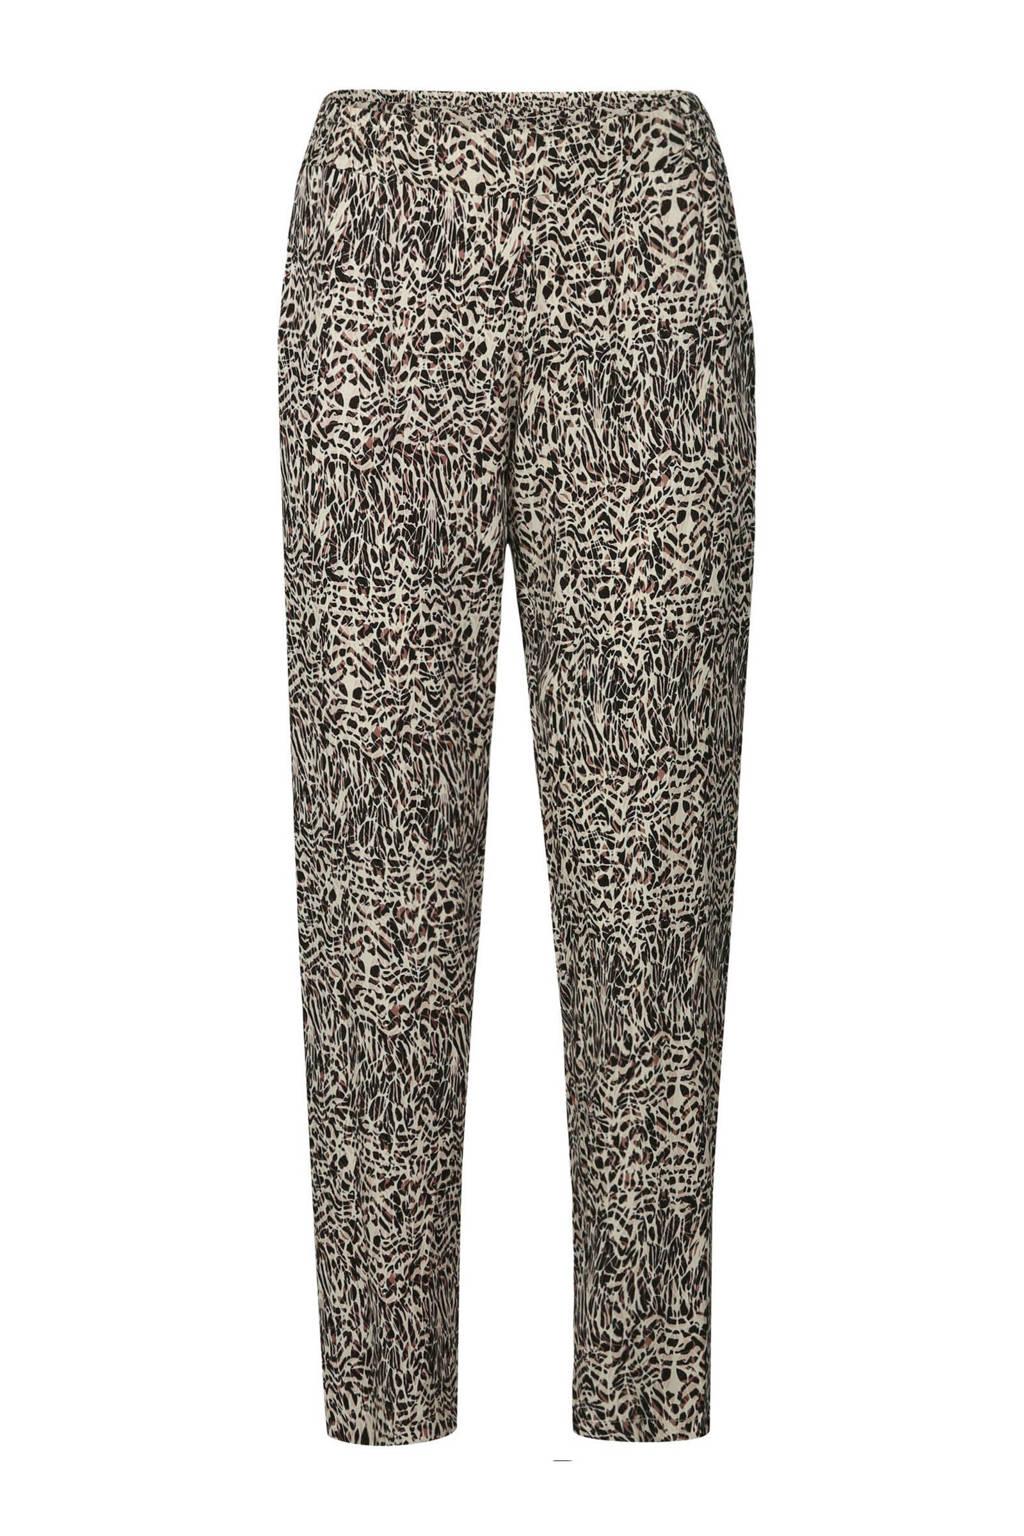 Cassis regular fit broek met all over print beige/zwart, Beige/zwart